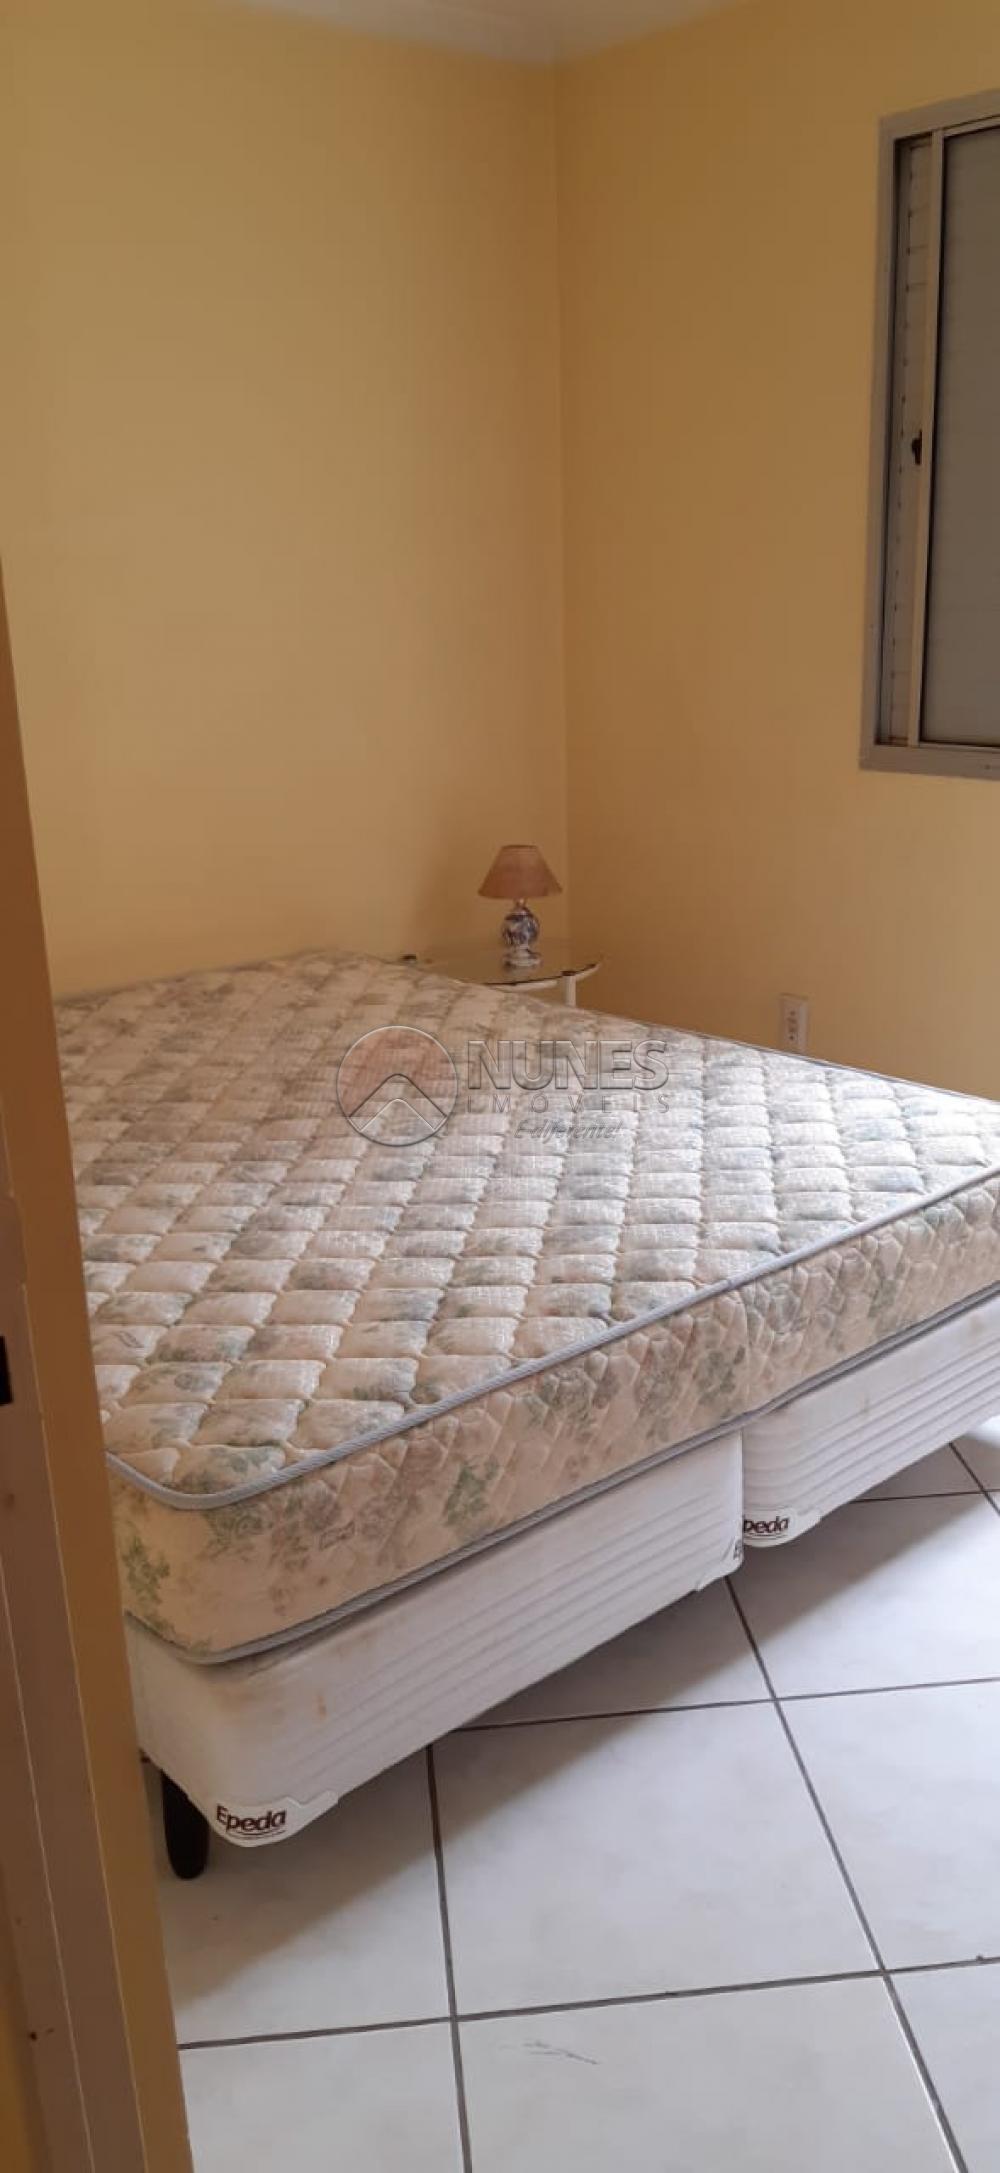 Comprar Apartamento / Padrão em Osasco apenas R$ 240.000,00 - Foto 15